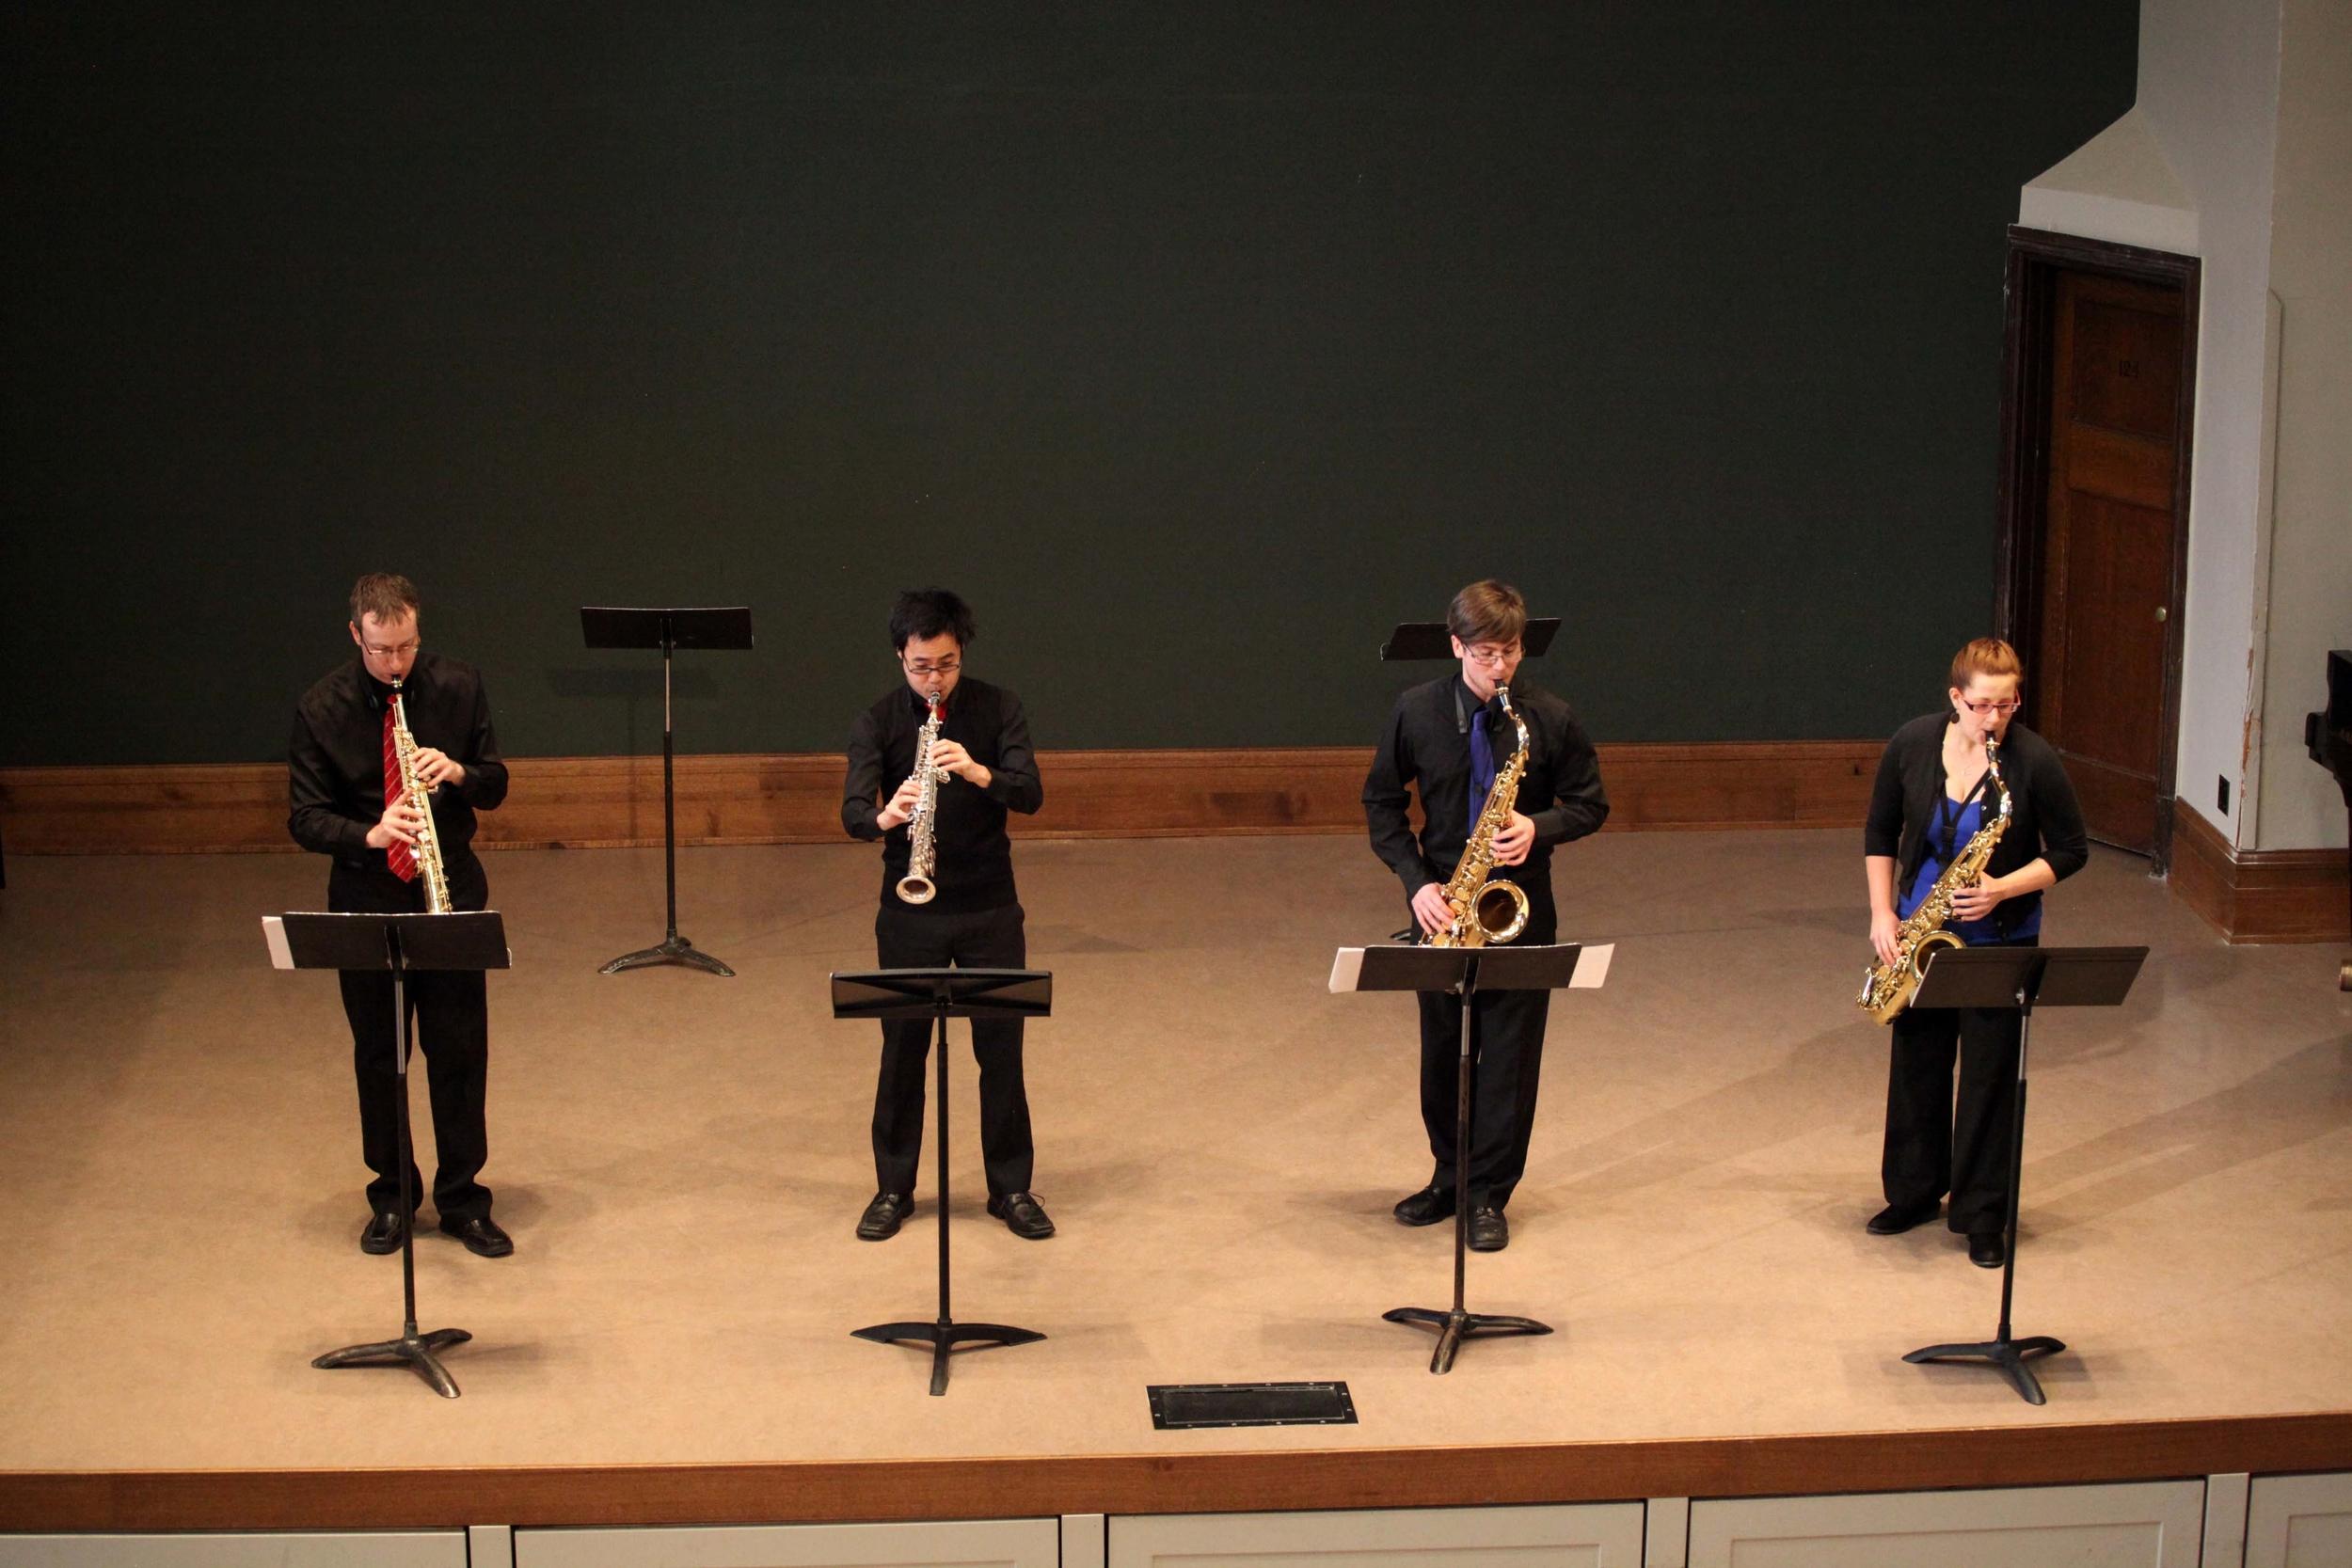 Proteus Quartet,  Shadows of Bamian  (Canadian premier) by Robert Lemay (2013), Saskatoon, Canada